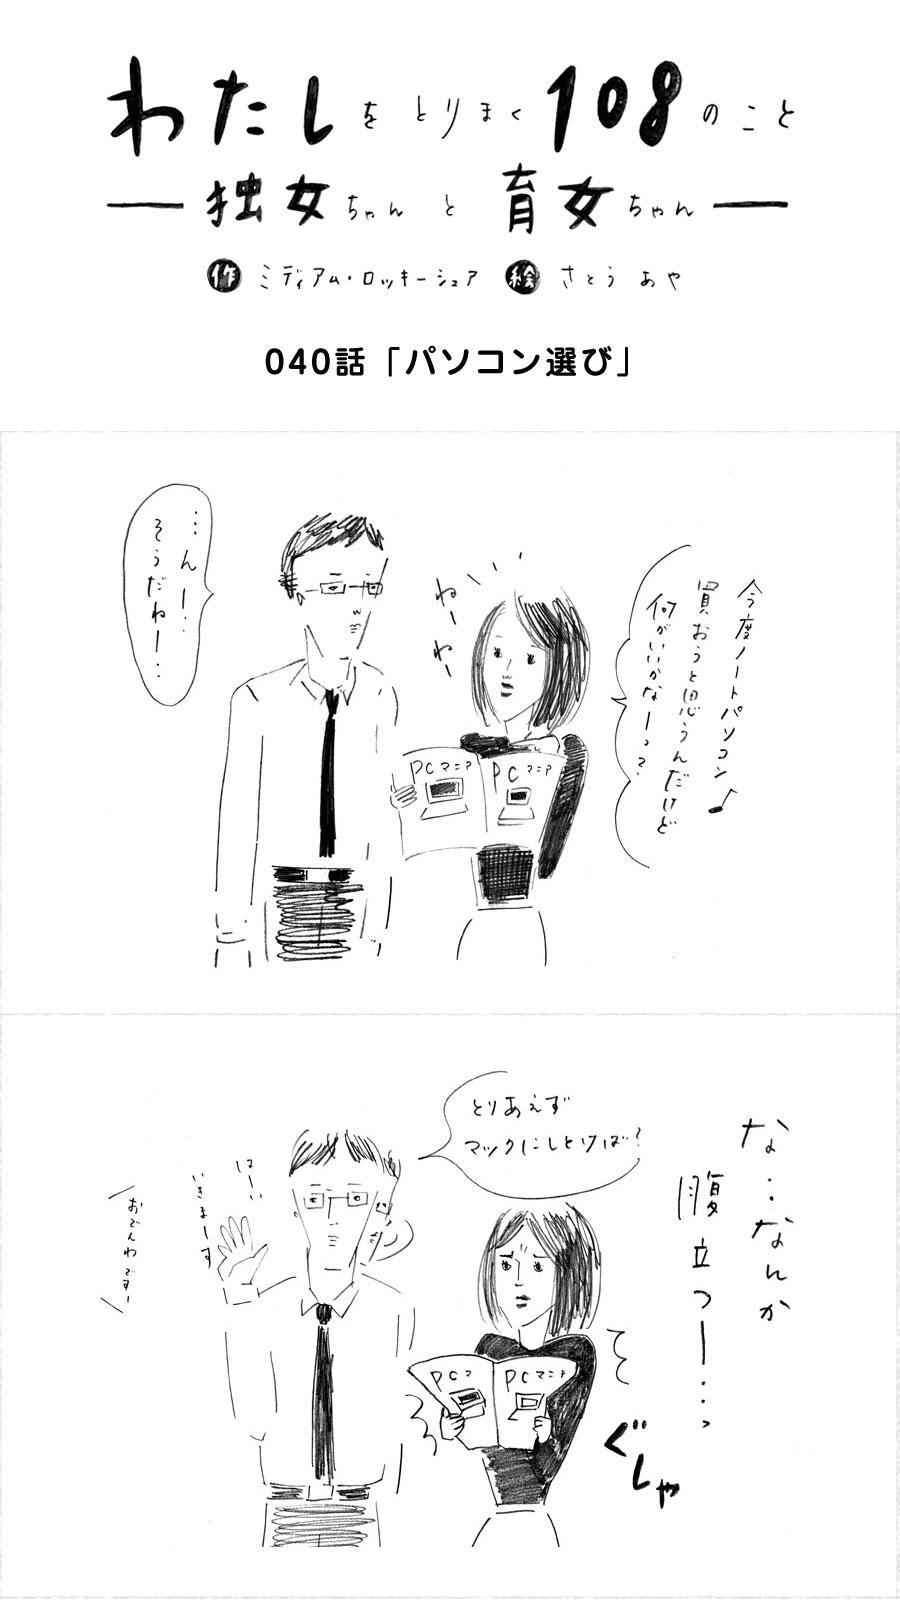 040_パソコン選び_独女ちゃん_000